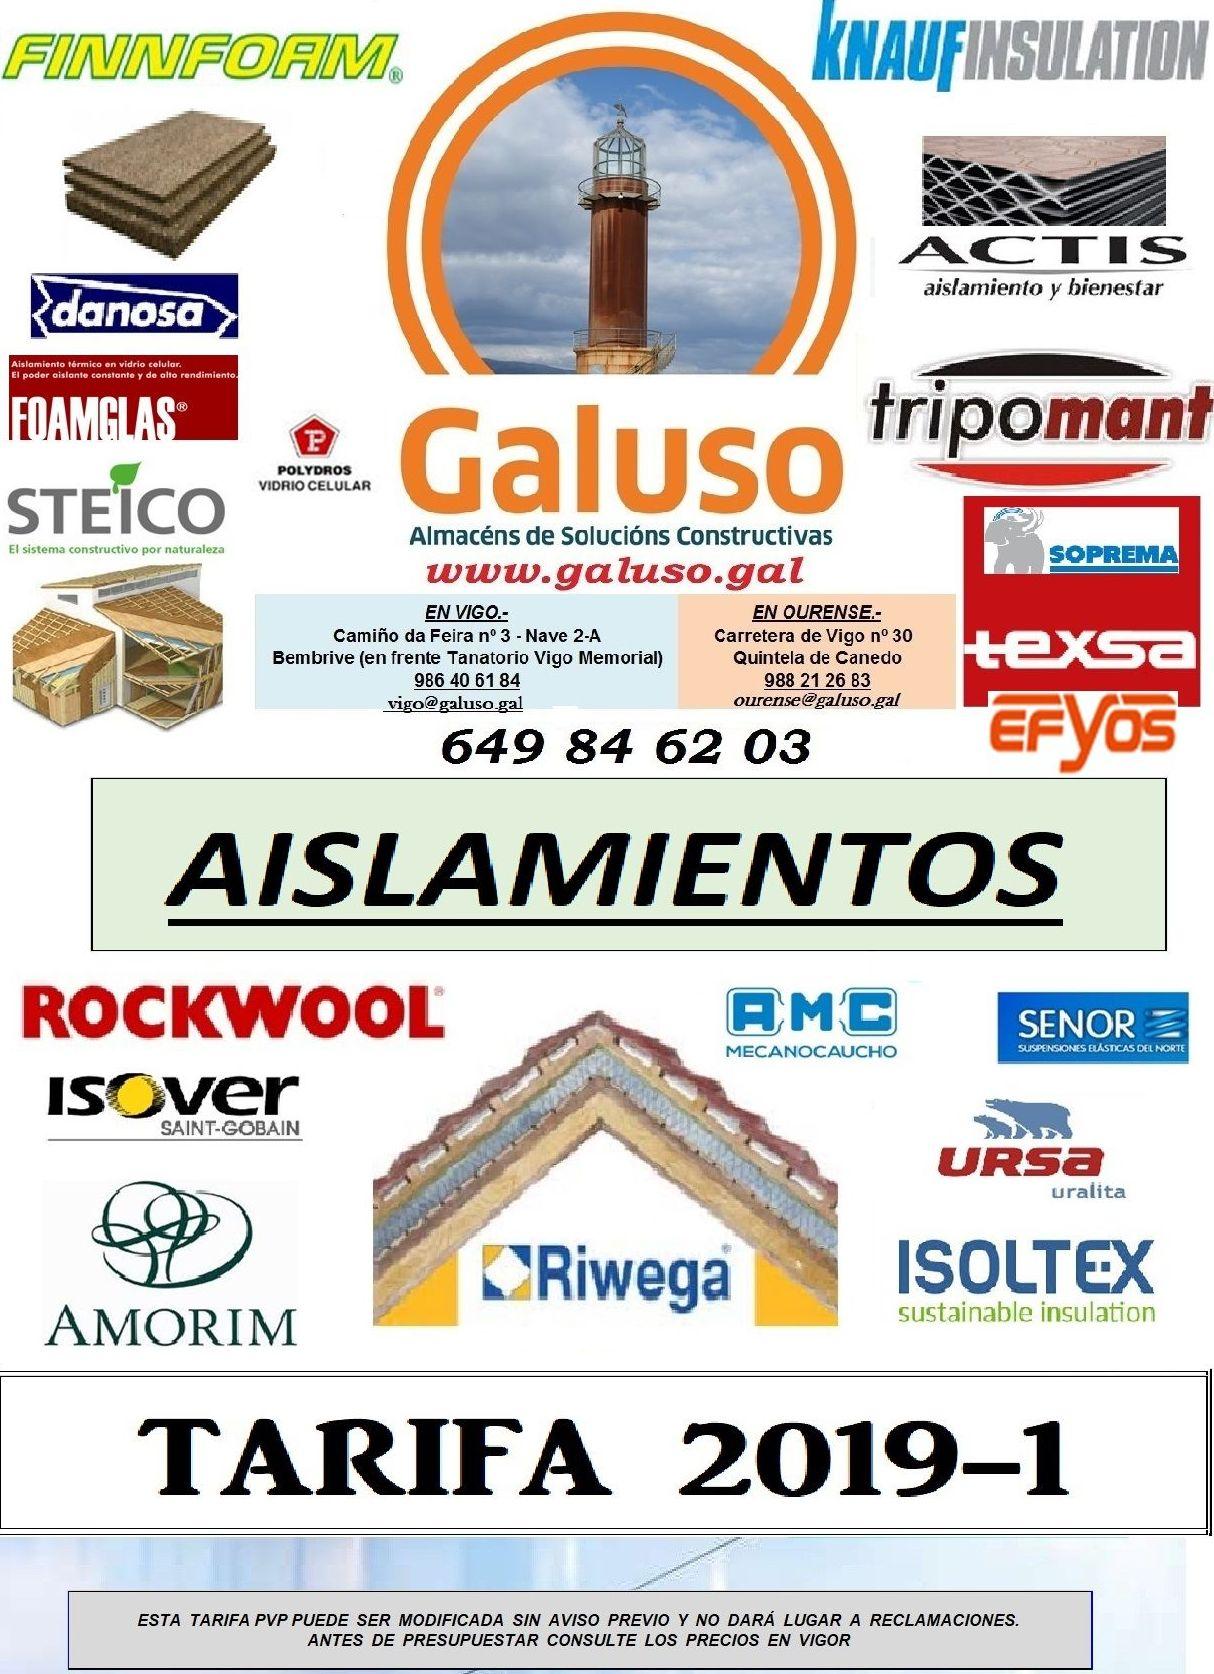 TARIFA AISLAMIENTOS : Catálogo de Galuso